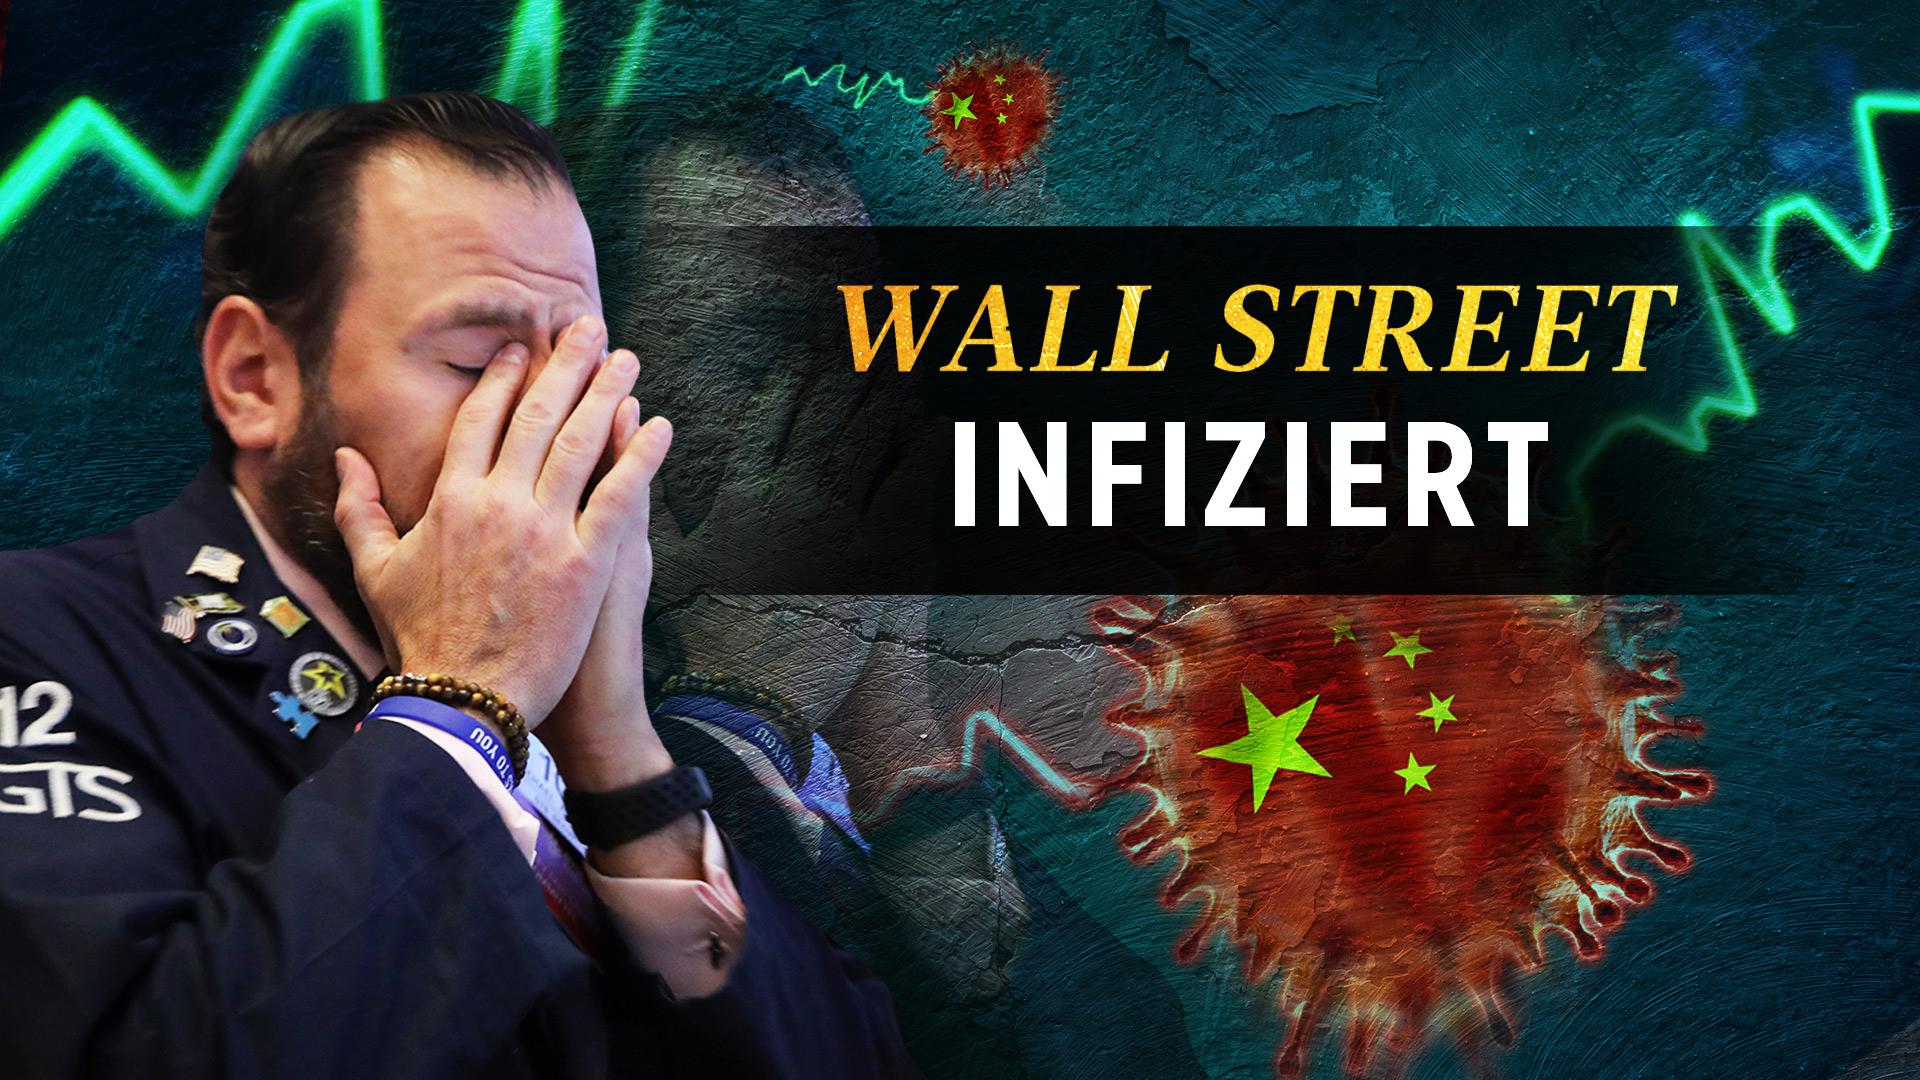 """Exklusiv-Dokumentarfilm: """"Wall Street INFIZIERT"""" – JP Morgan, die KP-China und der Geldfluss"""